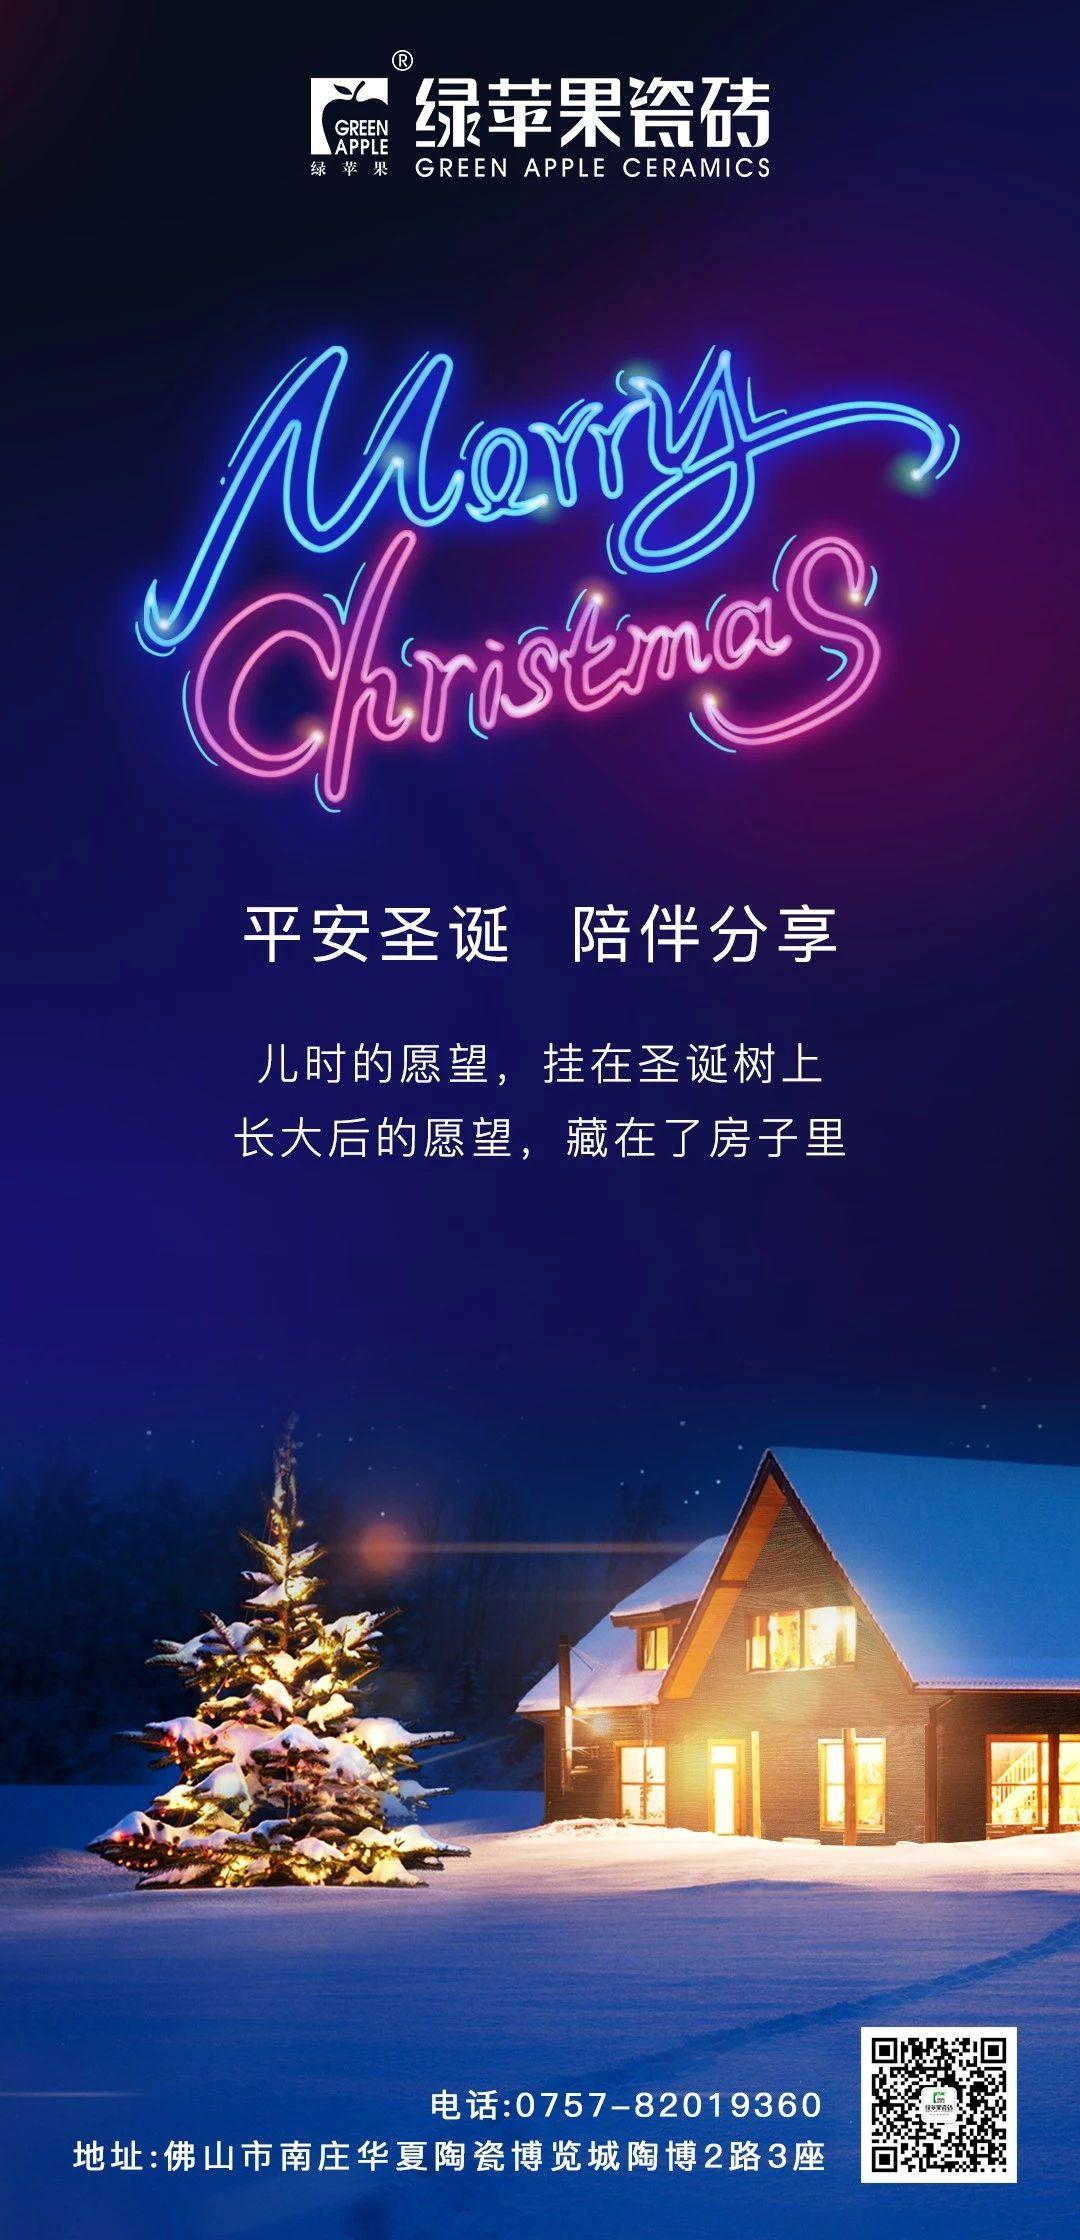 平安圣诞节  陪伴分享